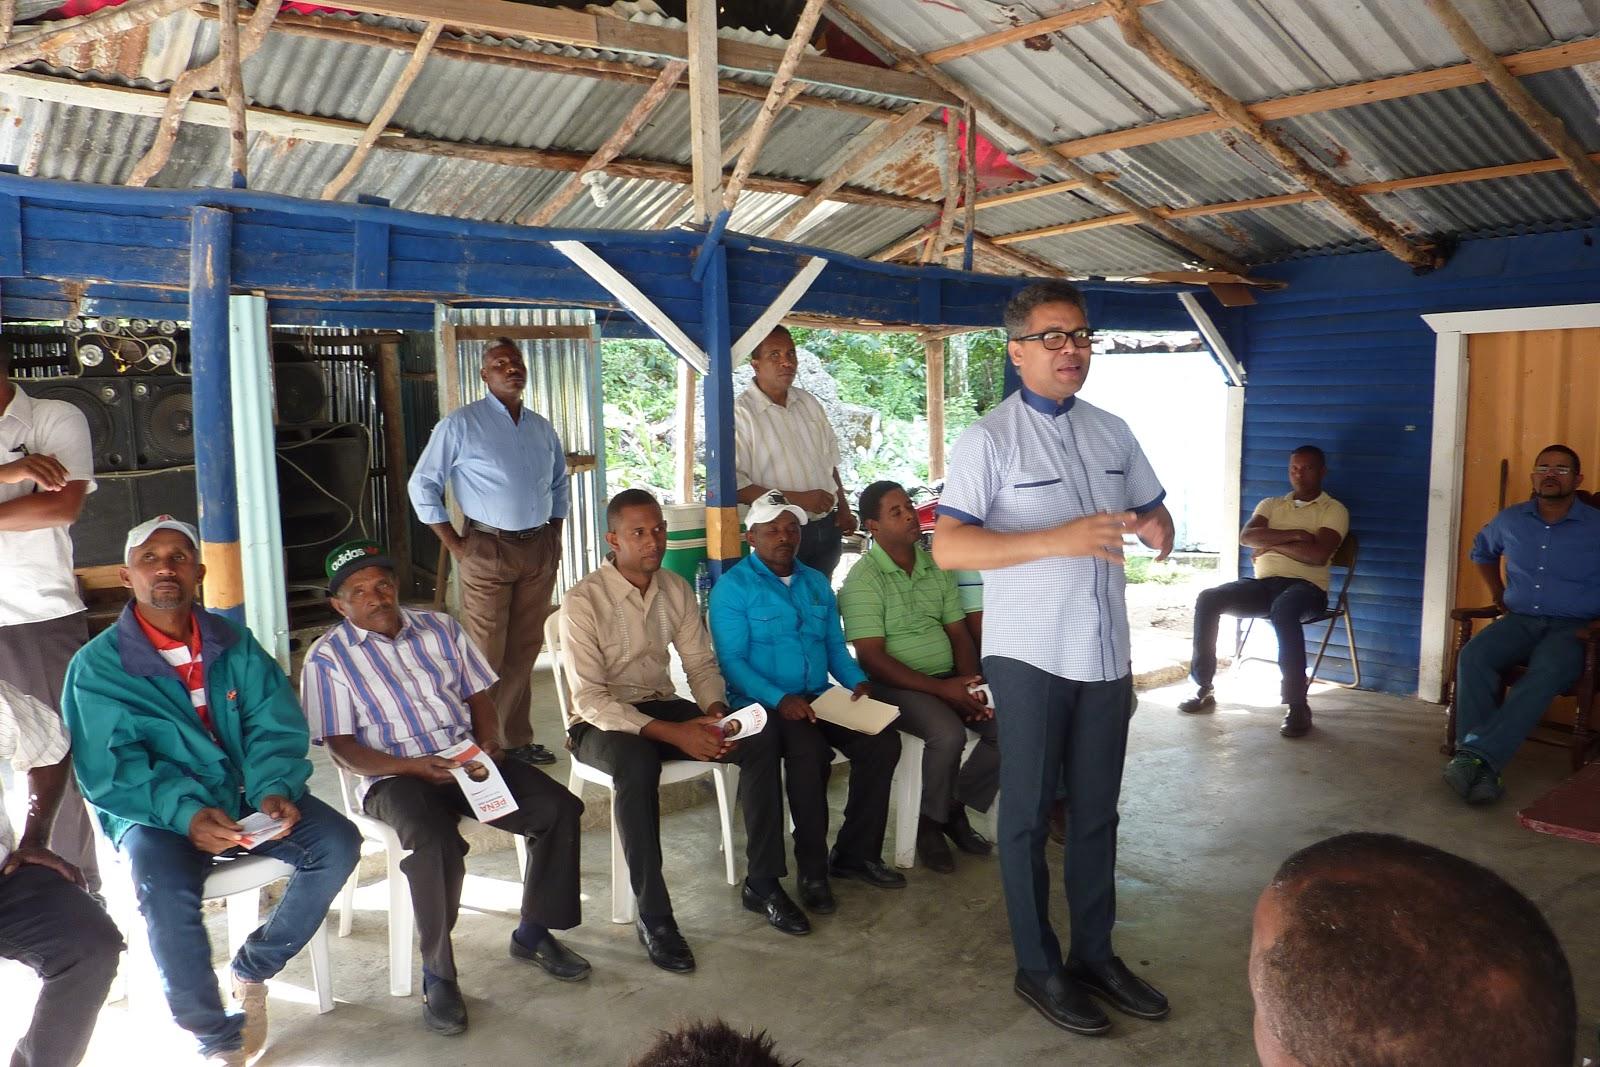 NEIBA: Carlos Peña critica males afectan al país; escucha necesidades de Bahoruco